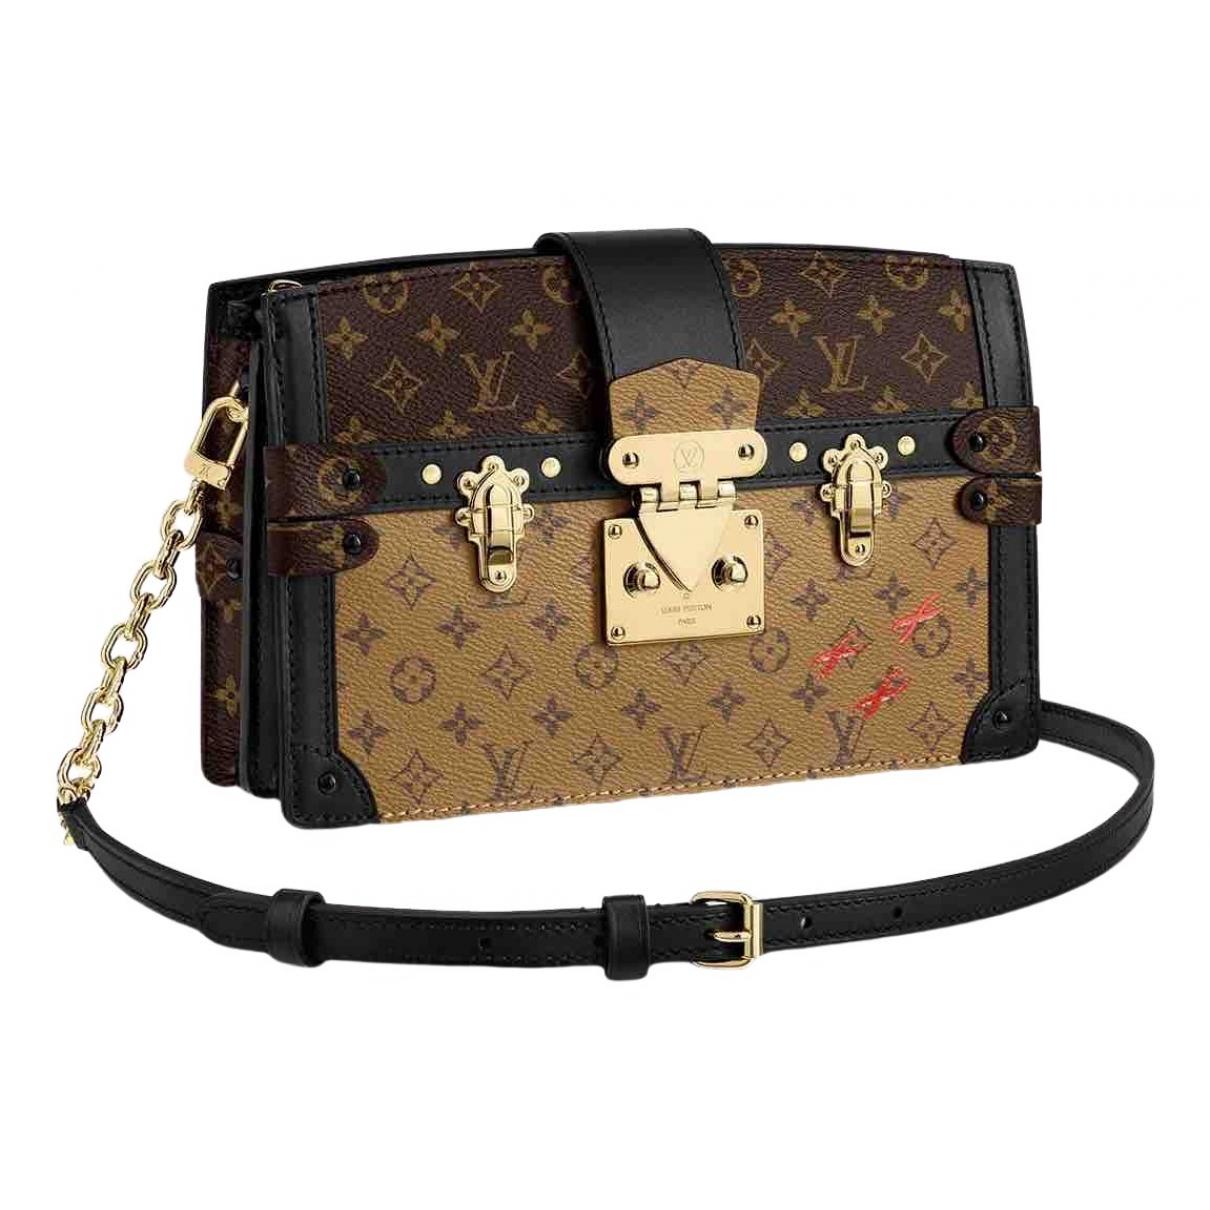 Louis Vuitton - Sac a main Pochette Trunk pour femme en toile - marron